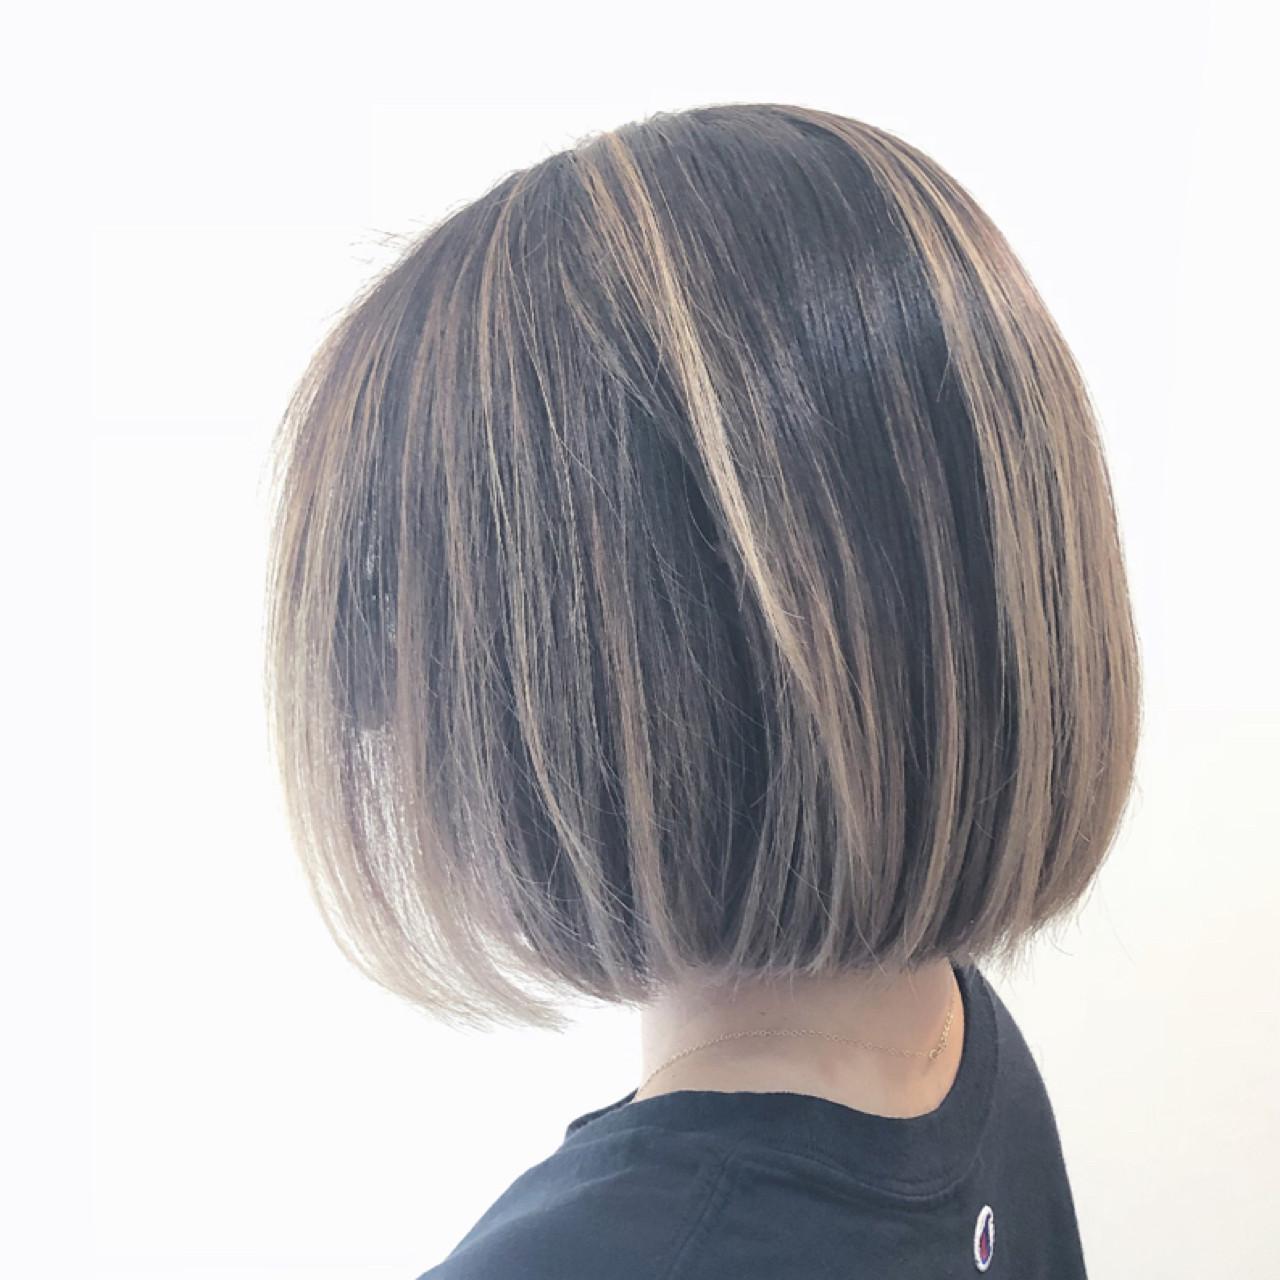 ボブ グレージュ バレイヤージュ グラデーションカラー ヘアスタイルや髪型の写真・画像